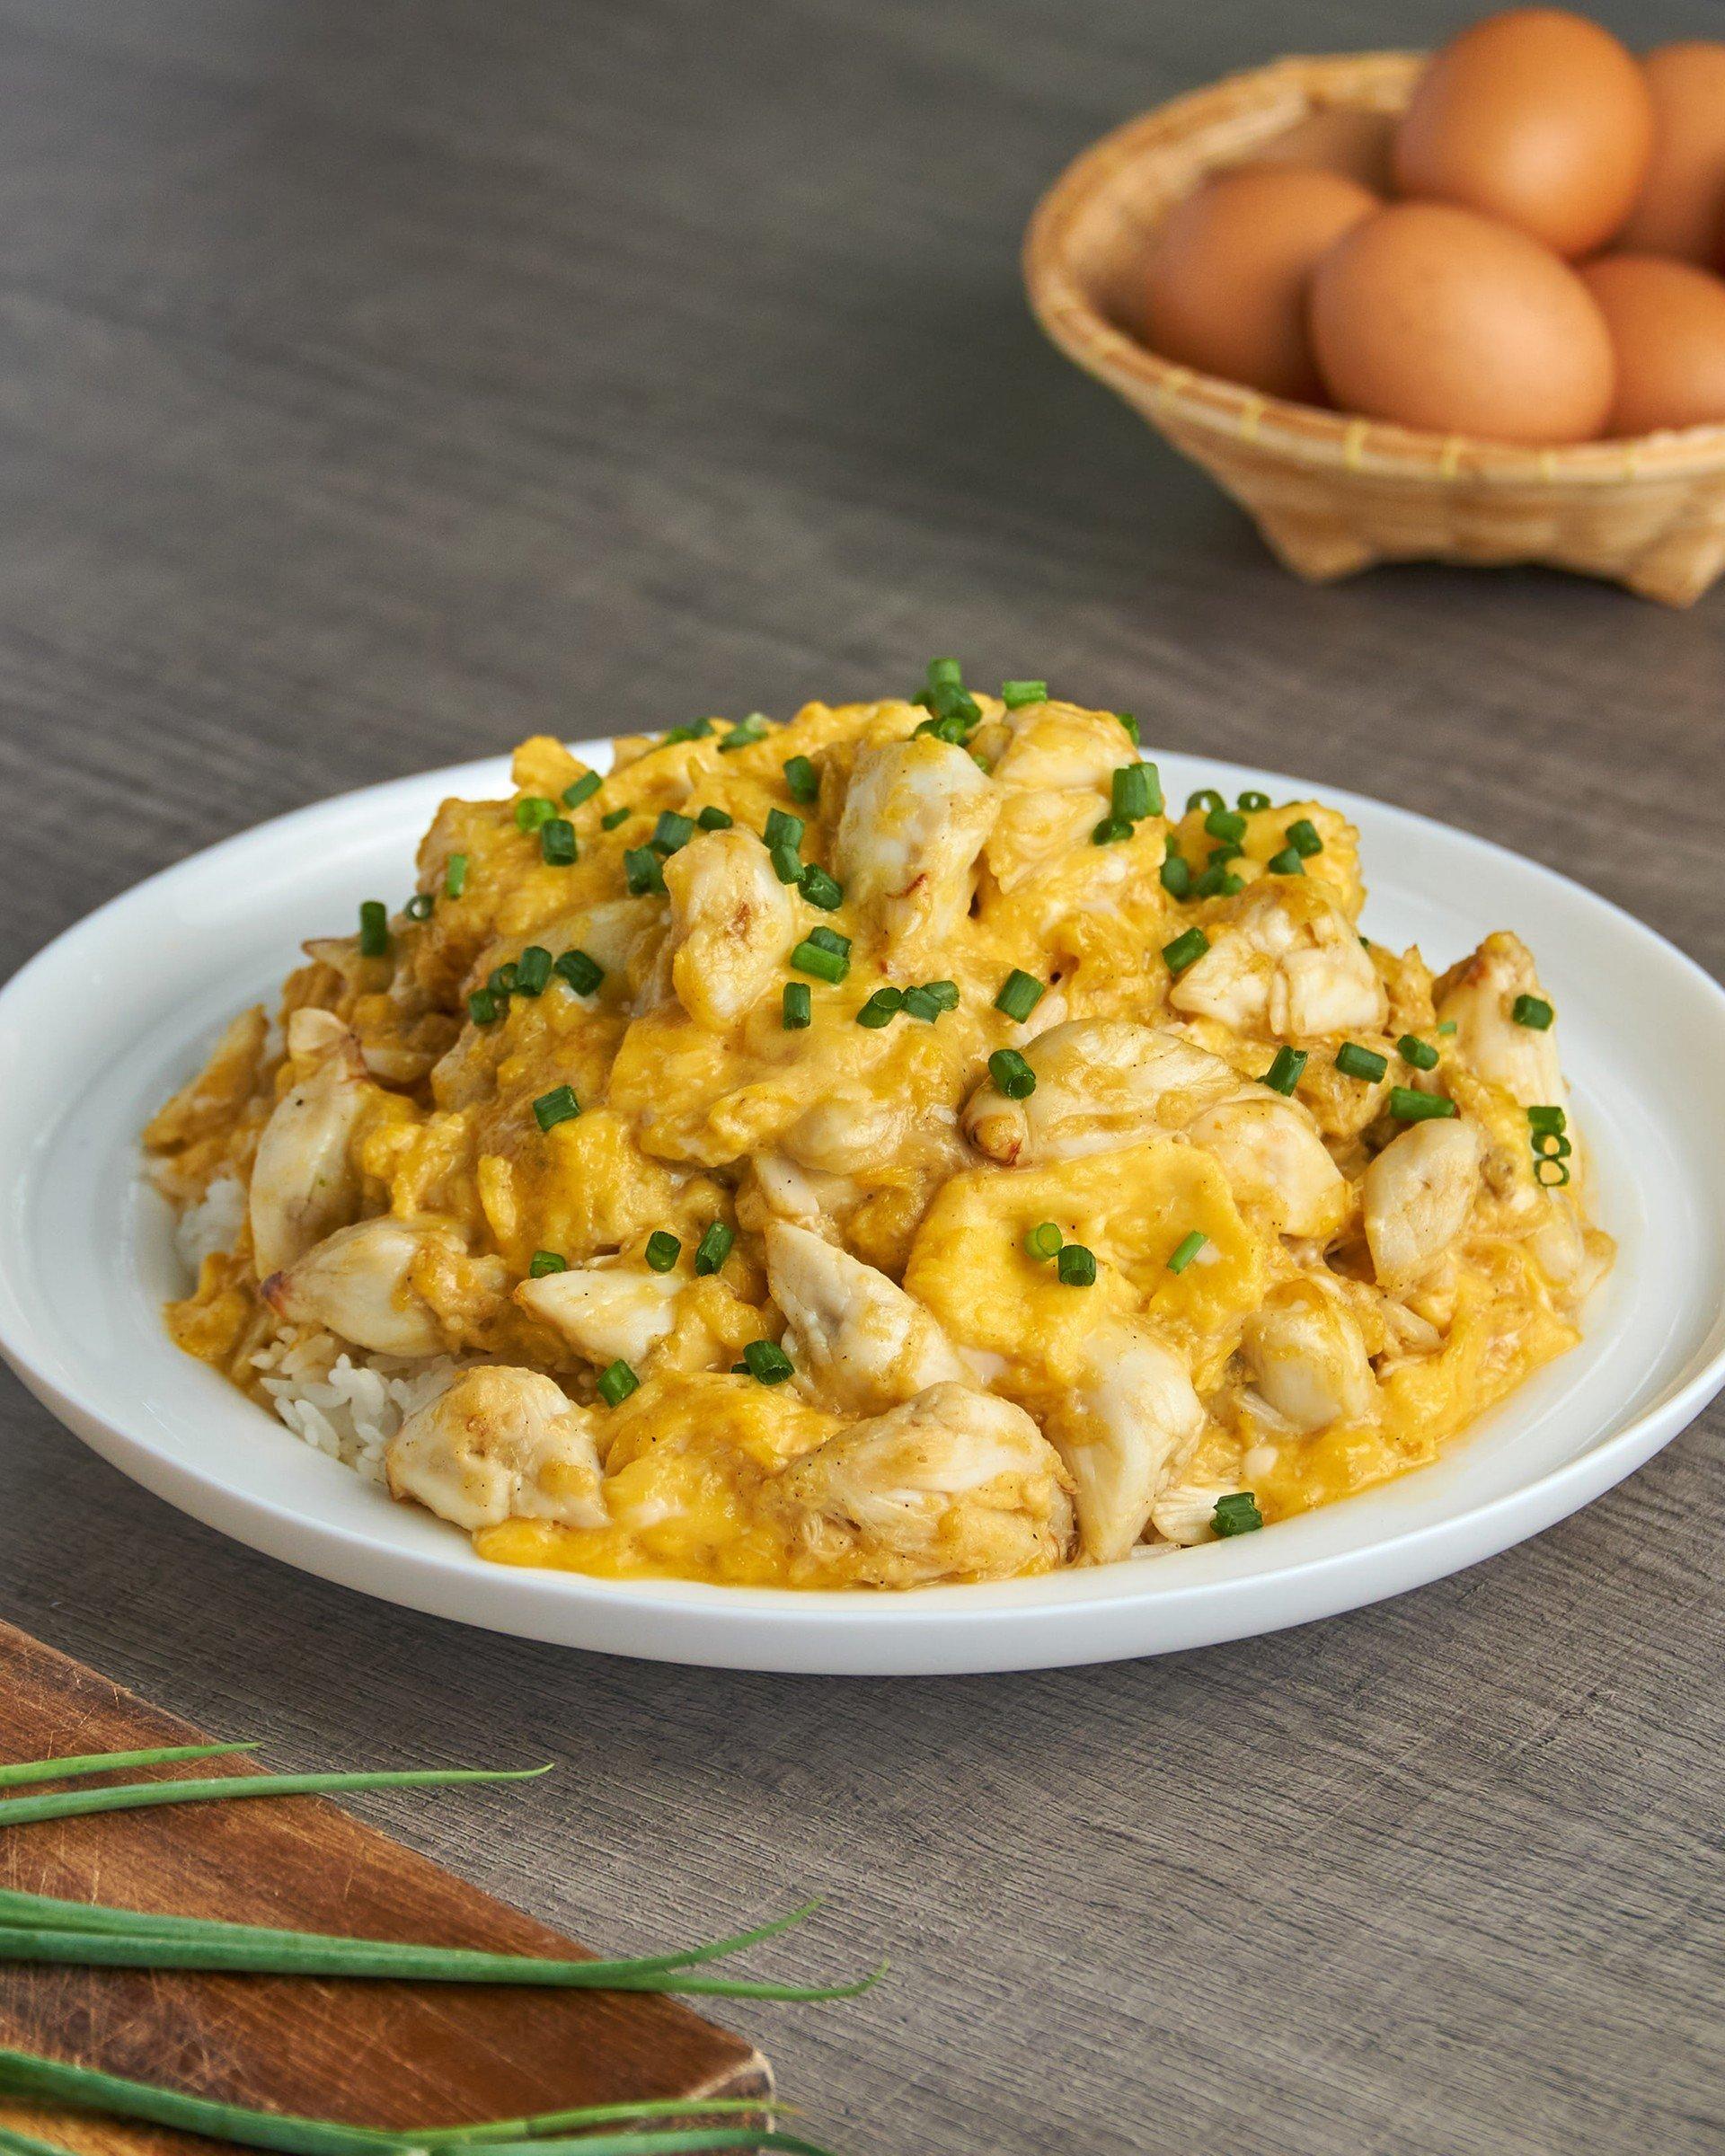 กรรเชียงปูไข่ข้น